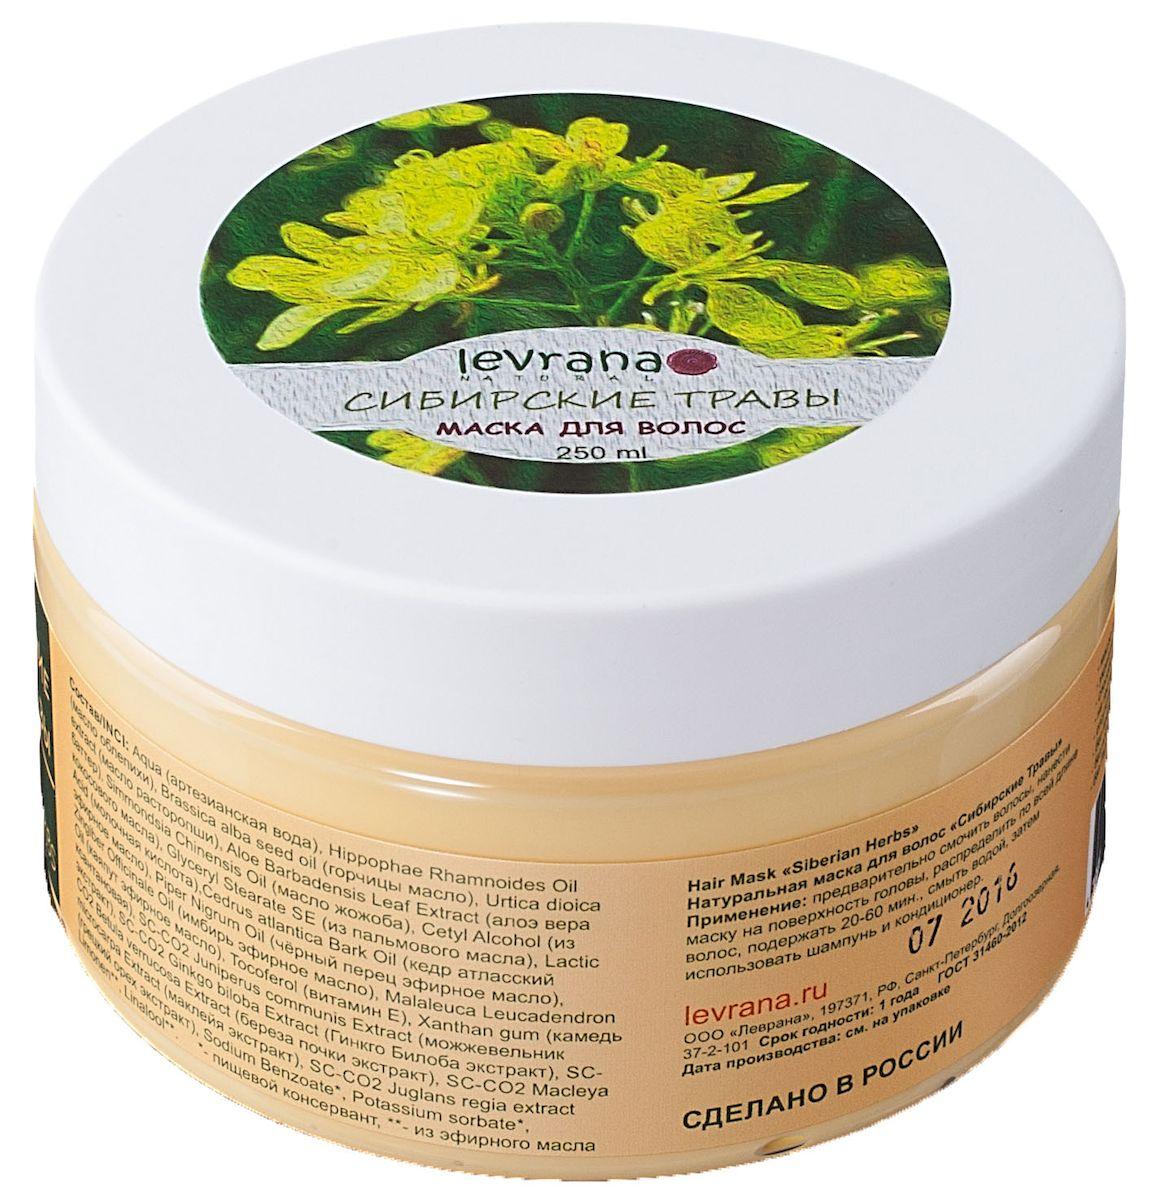 Levrana Маска для волос Сибирские травы, 250 млAC-2233_серыйРецептура масок разработана так, чтобы максимально, в короткие сроки, помочь вашим волосам, делая их крепкими, густыми и шелковистыми.